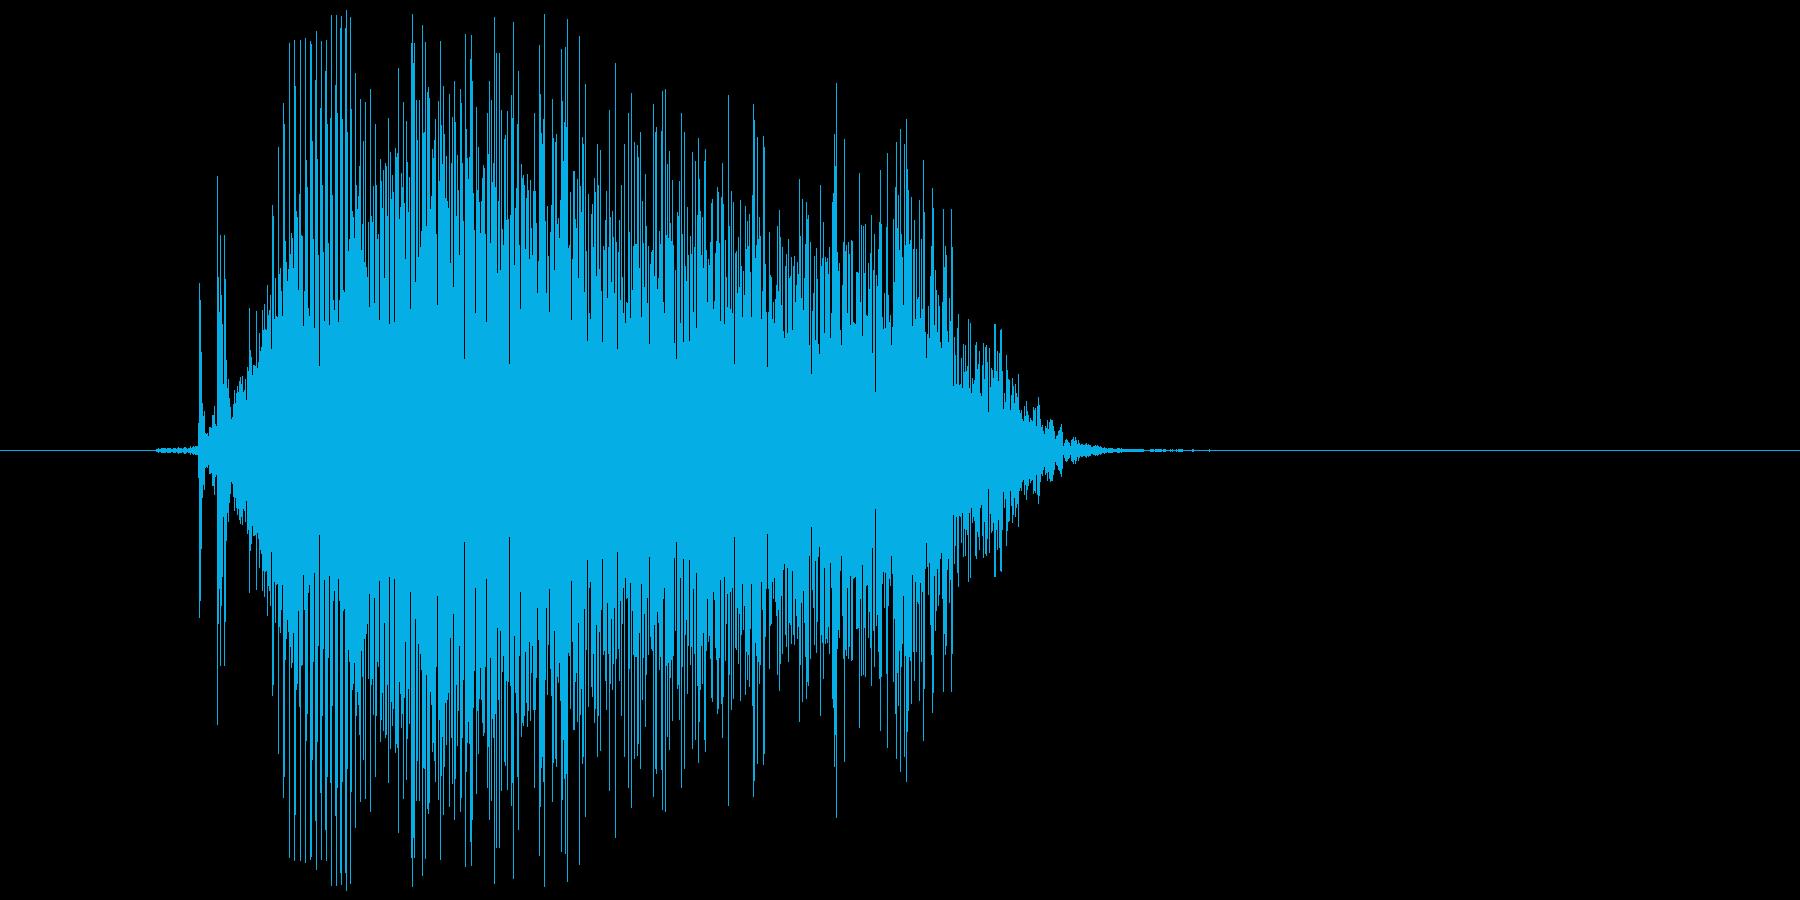 「ぐぁー」の再生済みの波形